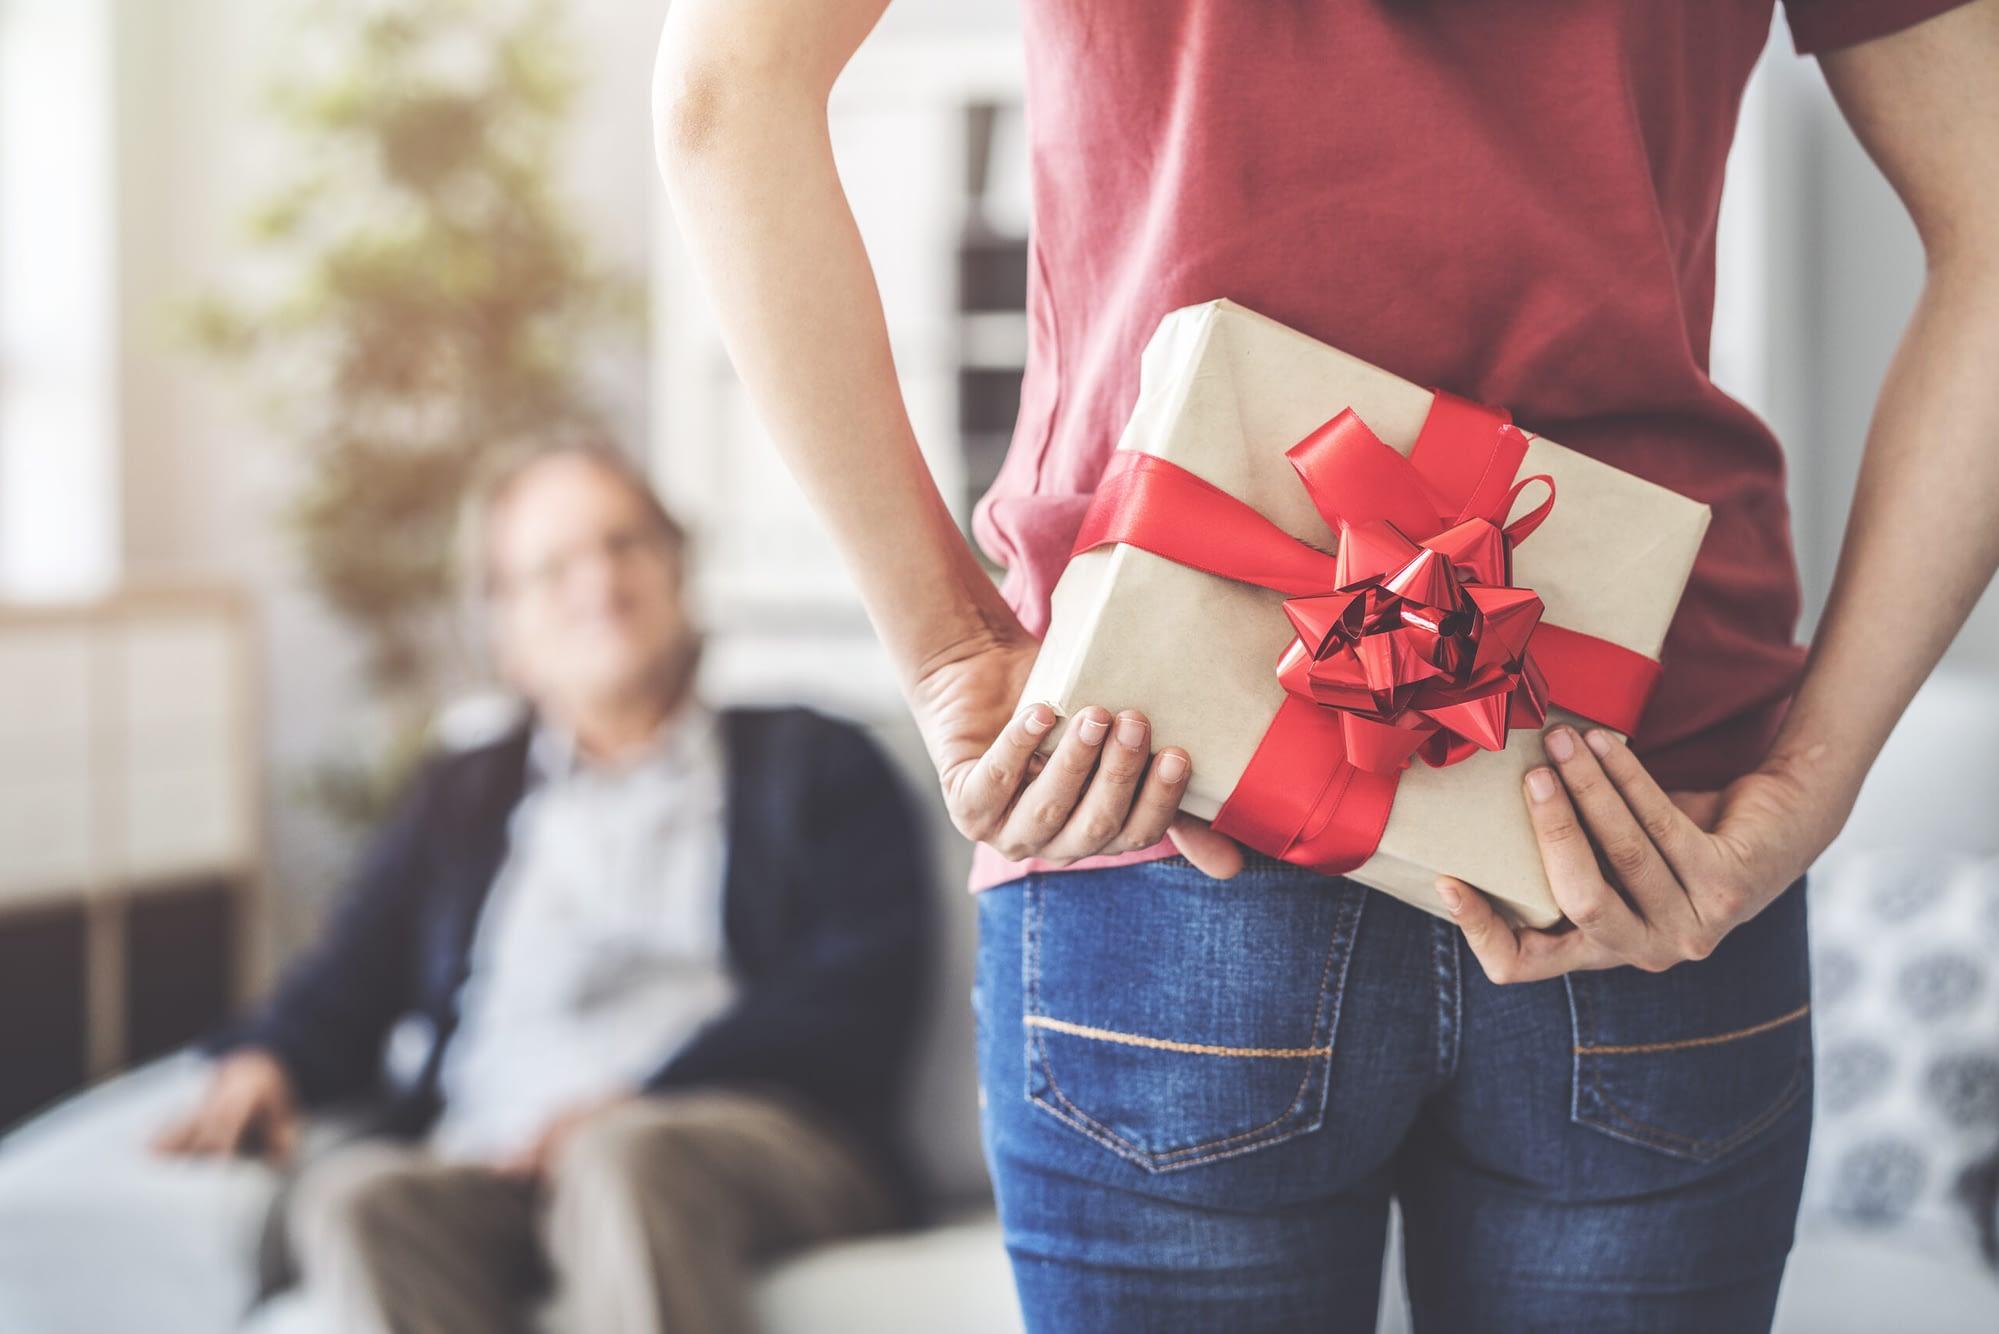 Individuelles Geschenke versteckt hinter Rücken